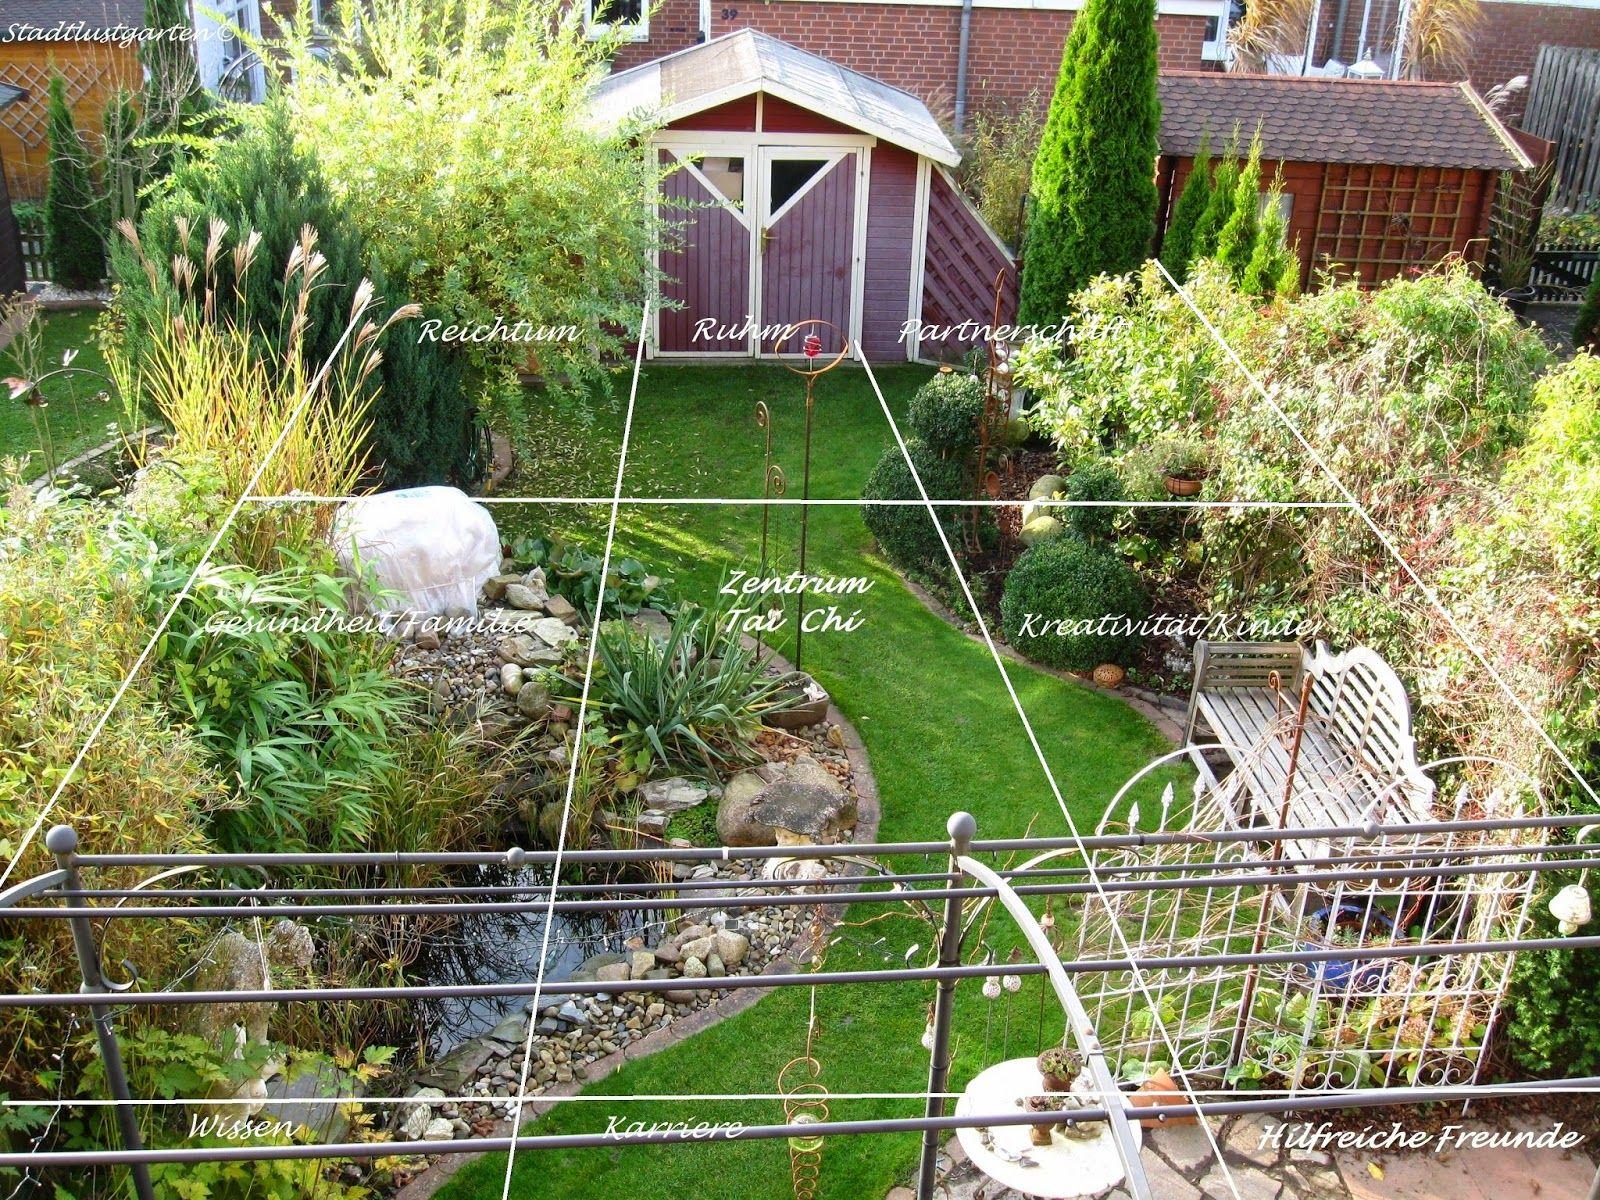 reihenhausgarten, feng shui im garten, harmonielehre, vorgarten, Hause und Garten